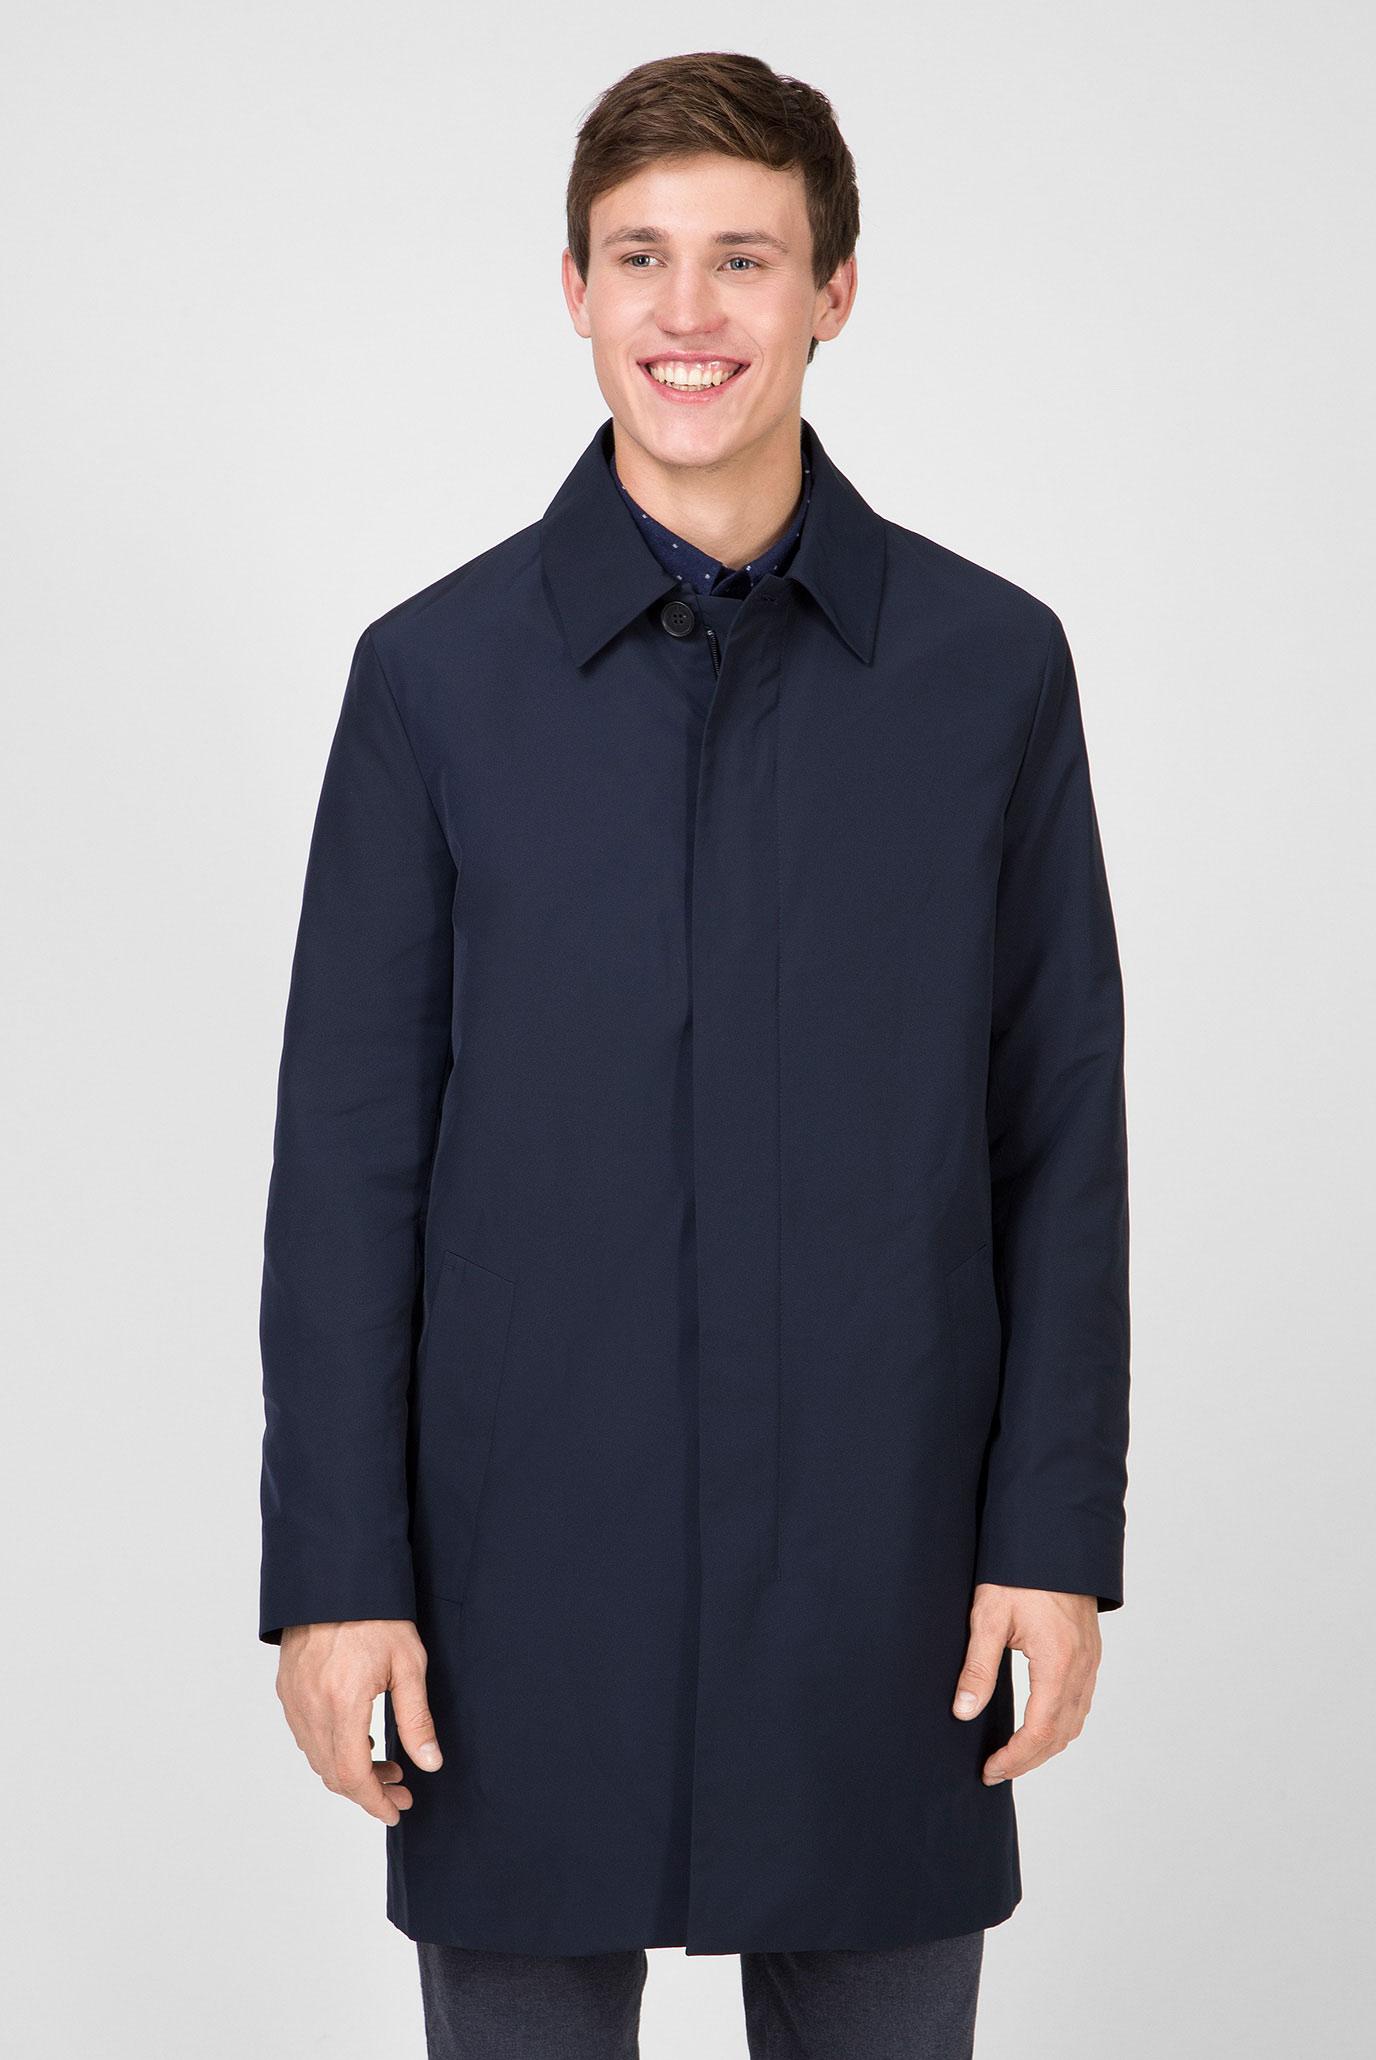 Мужской темно-синий плащ COMPACT NYLON ZIP Calvin Klein K10K103898 — MD-Fashion, баркод 8719851383850